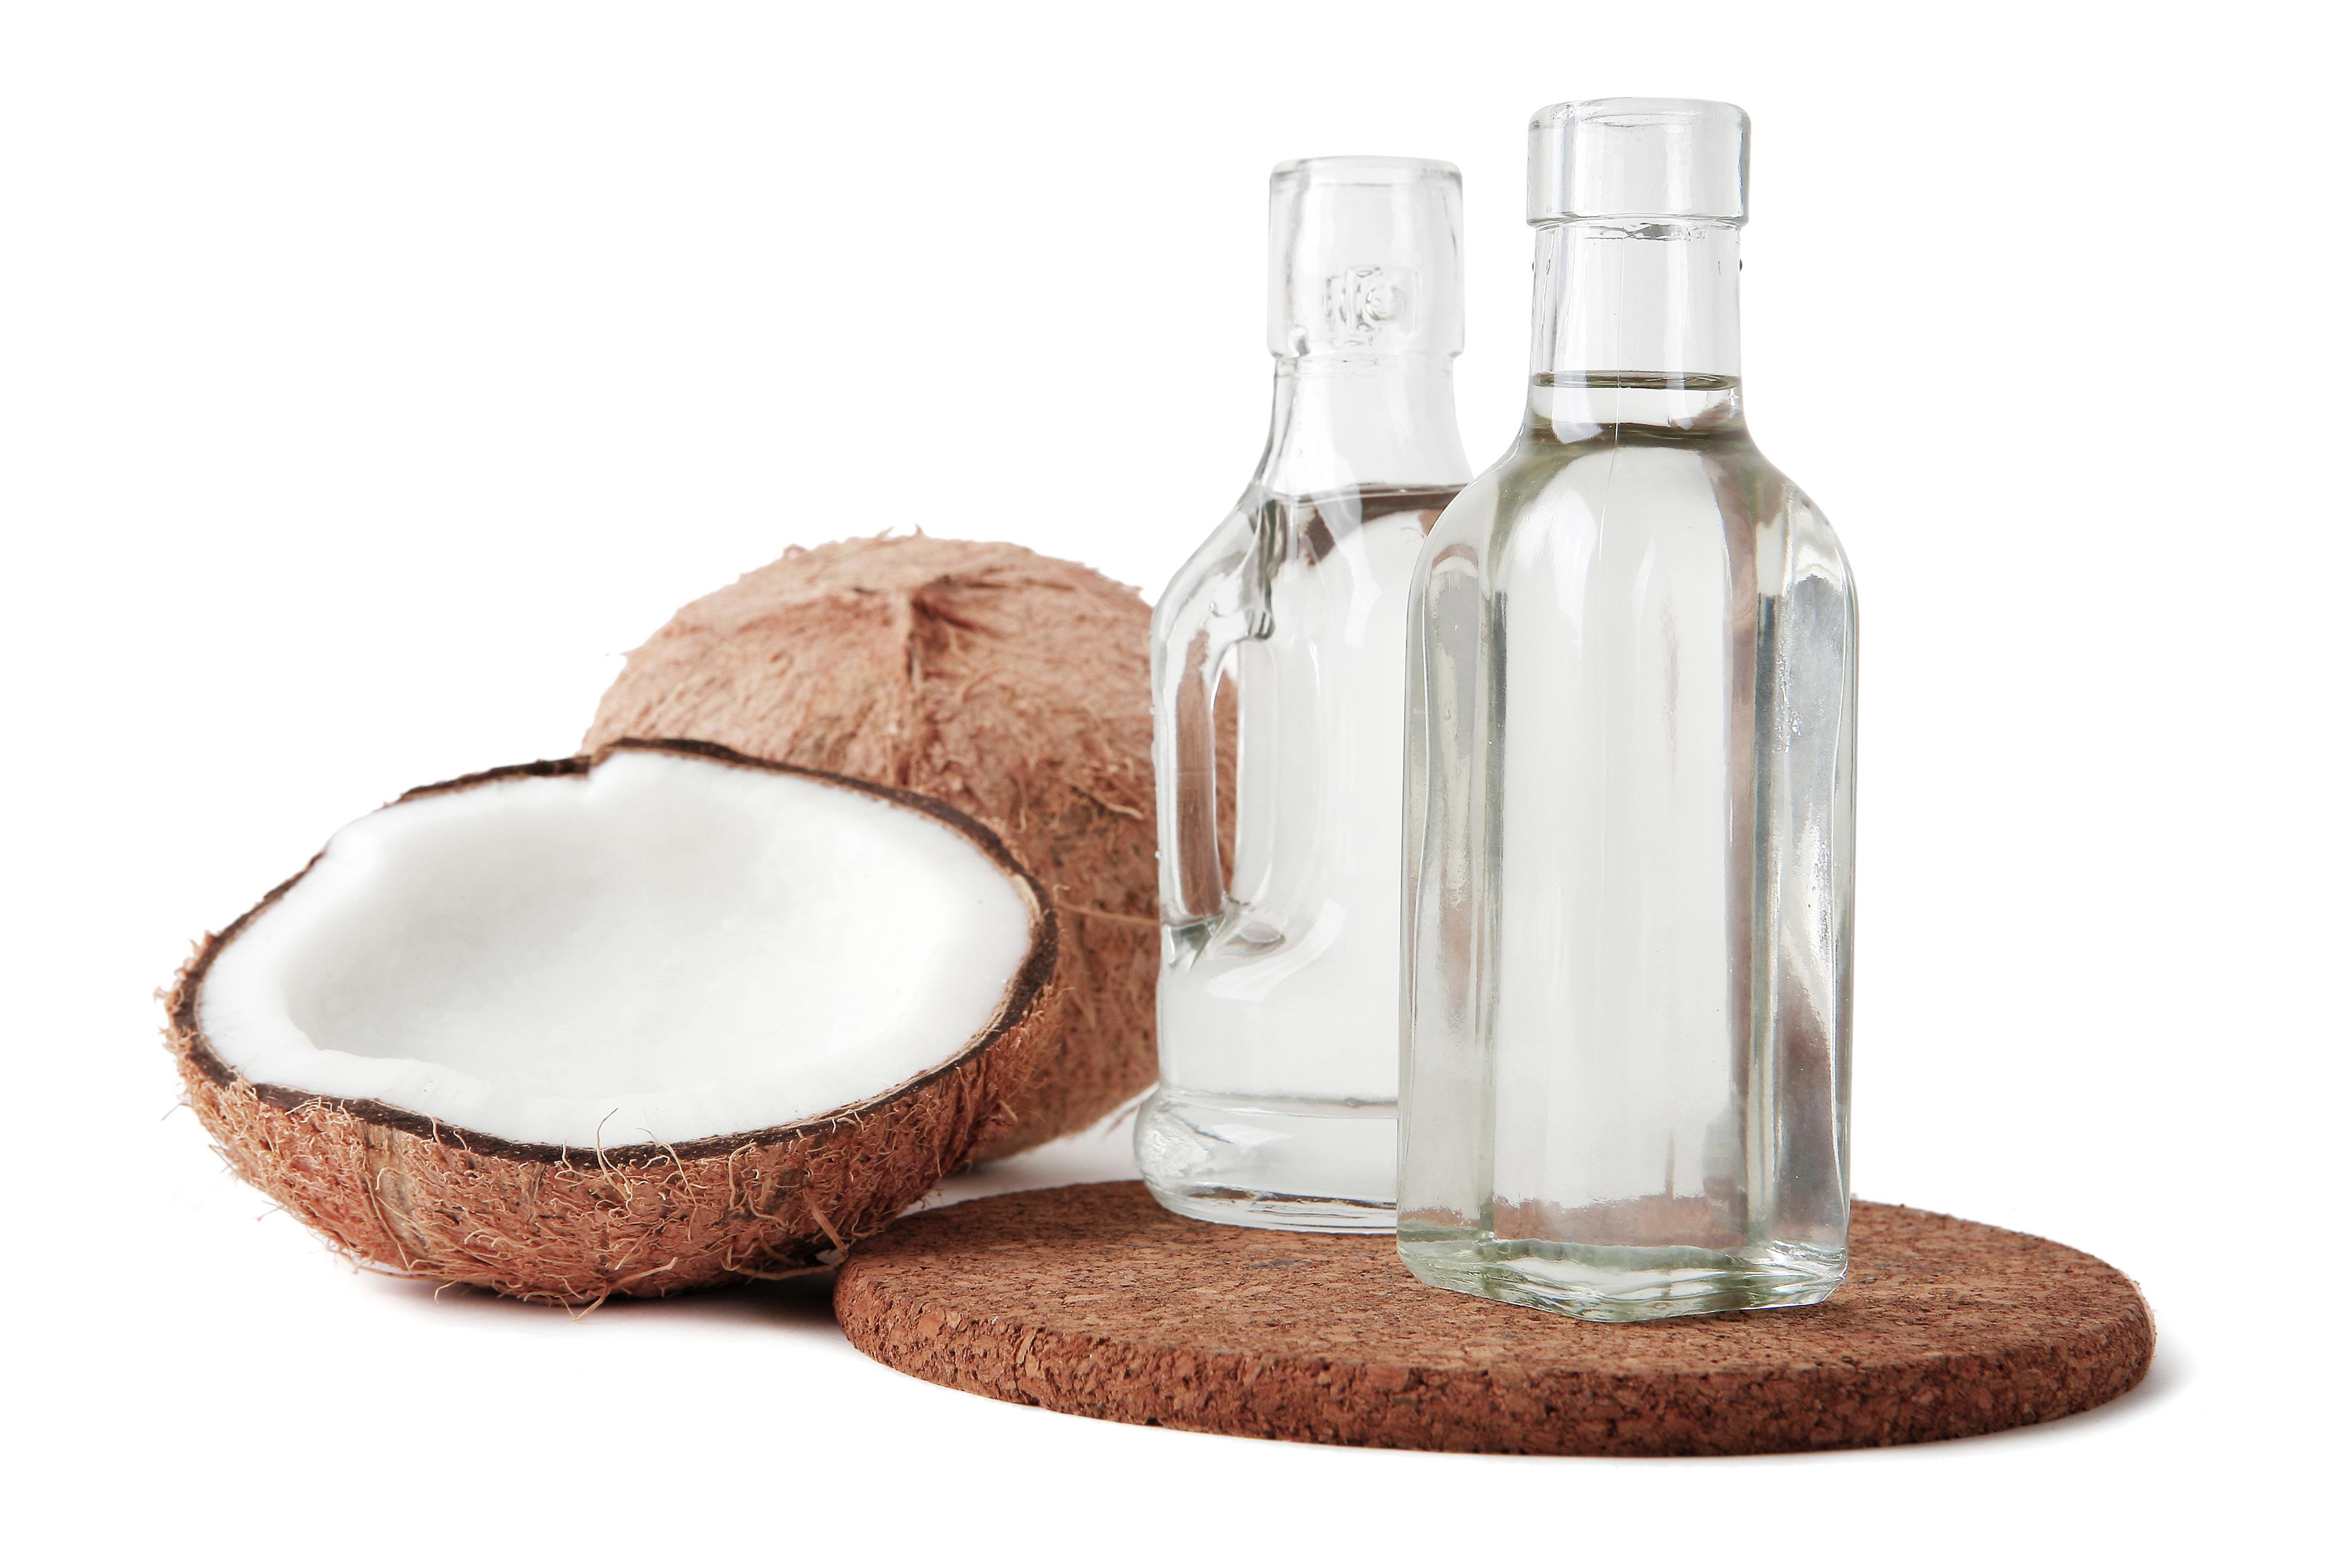 Khasiat minyak kelapa murni untuk rambut